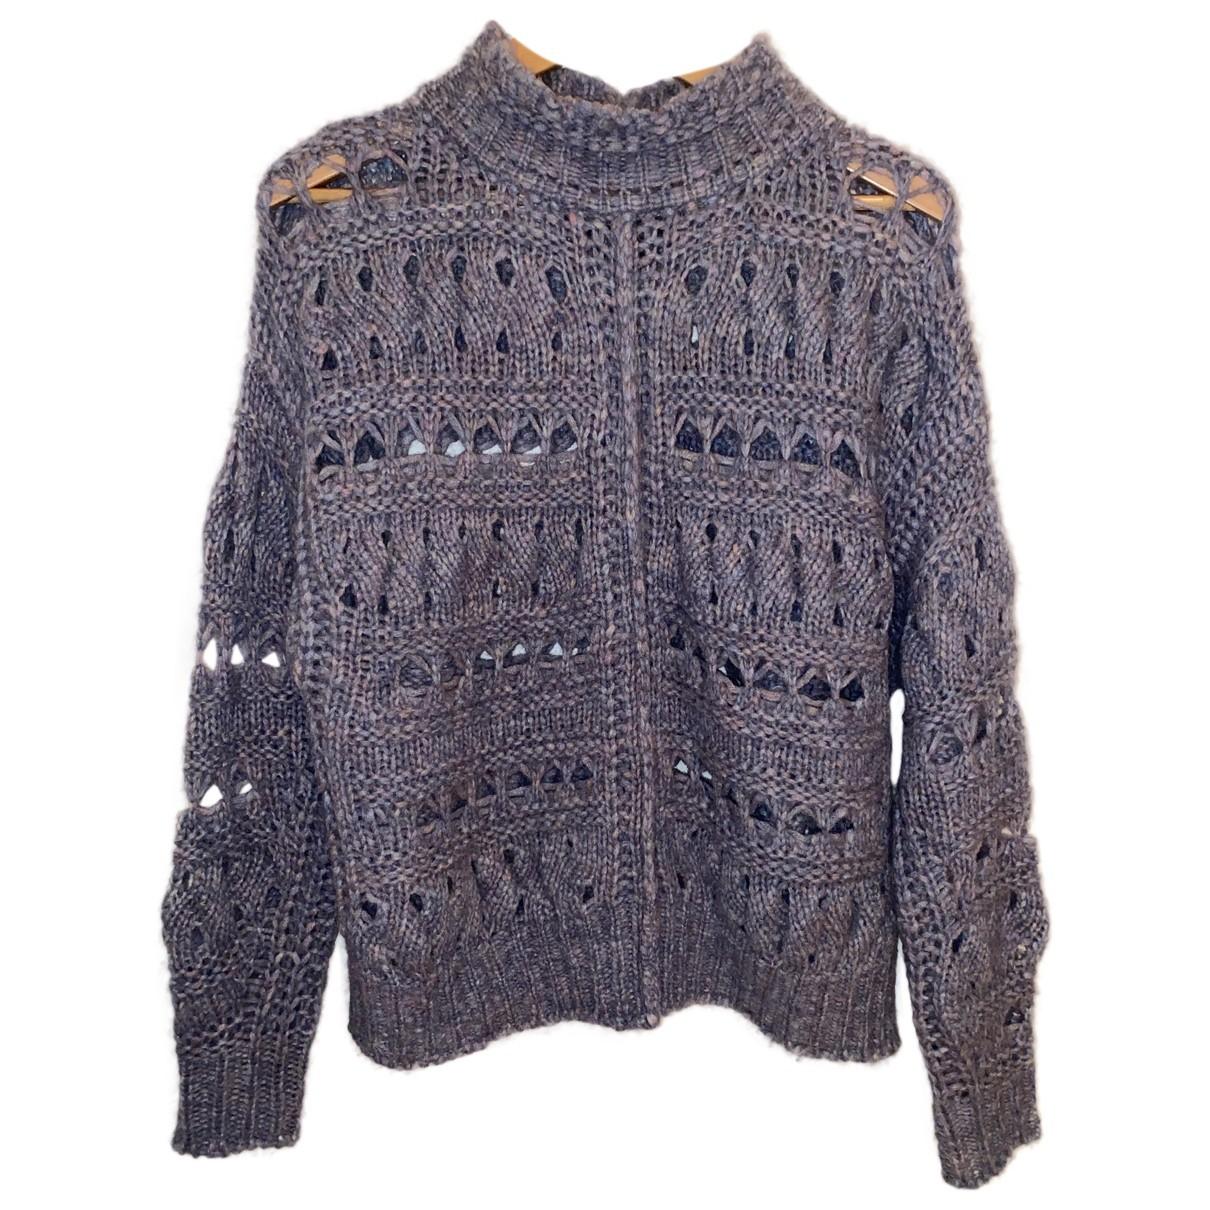 Isabel Marant - Pull   pour femme en laine - multicolore